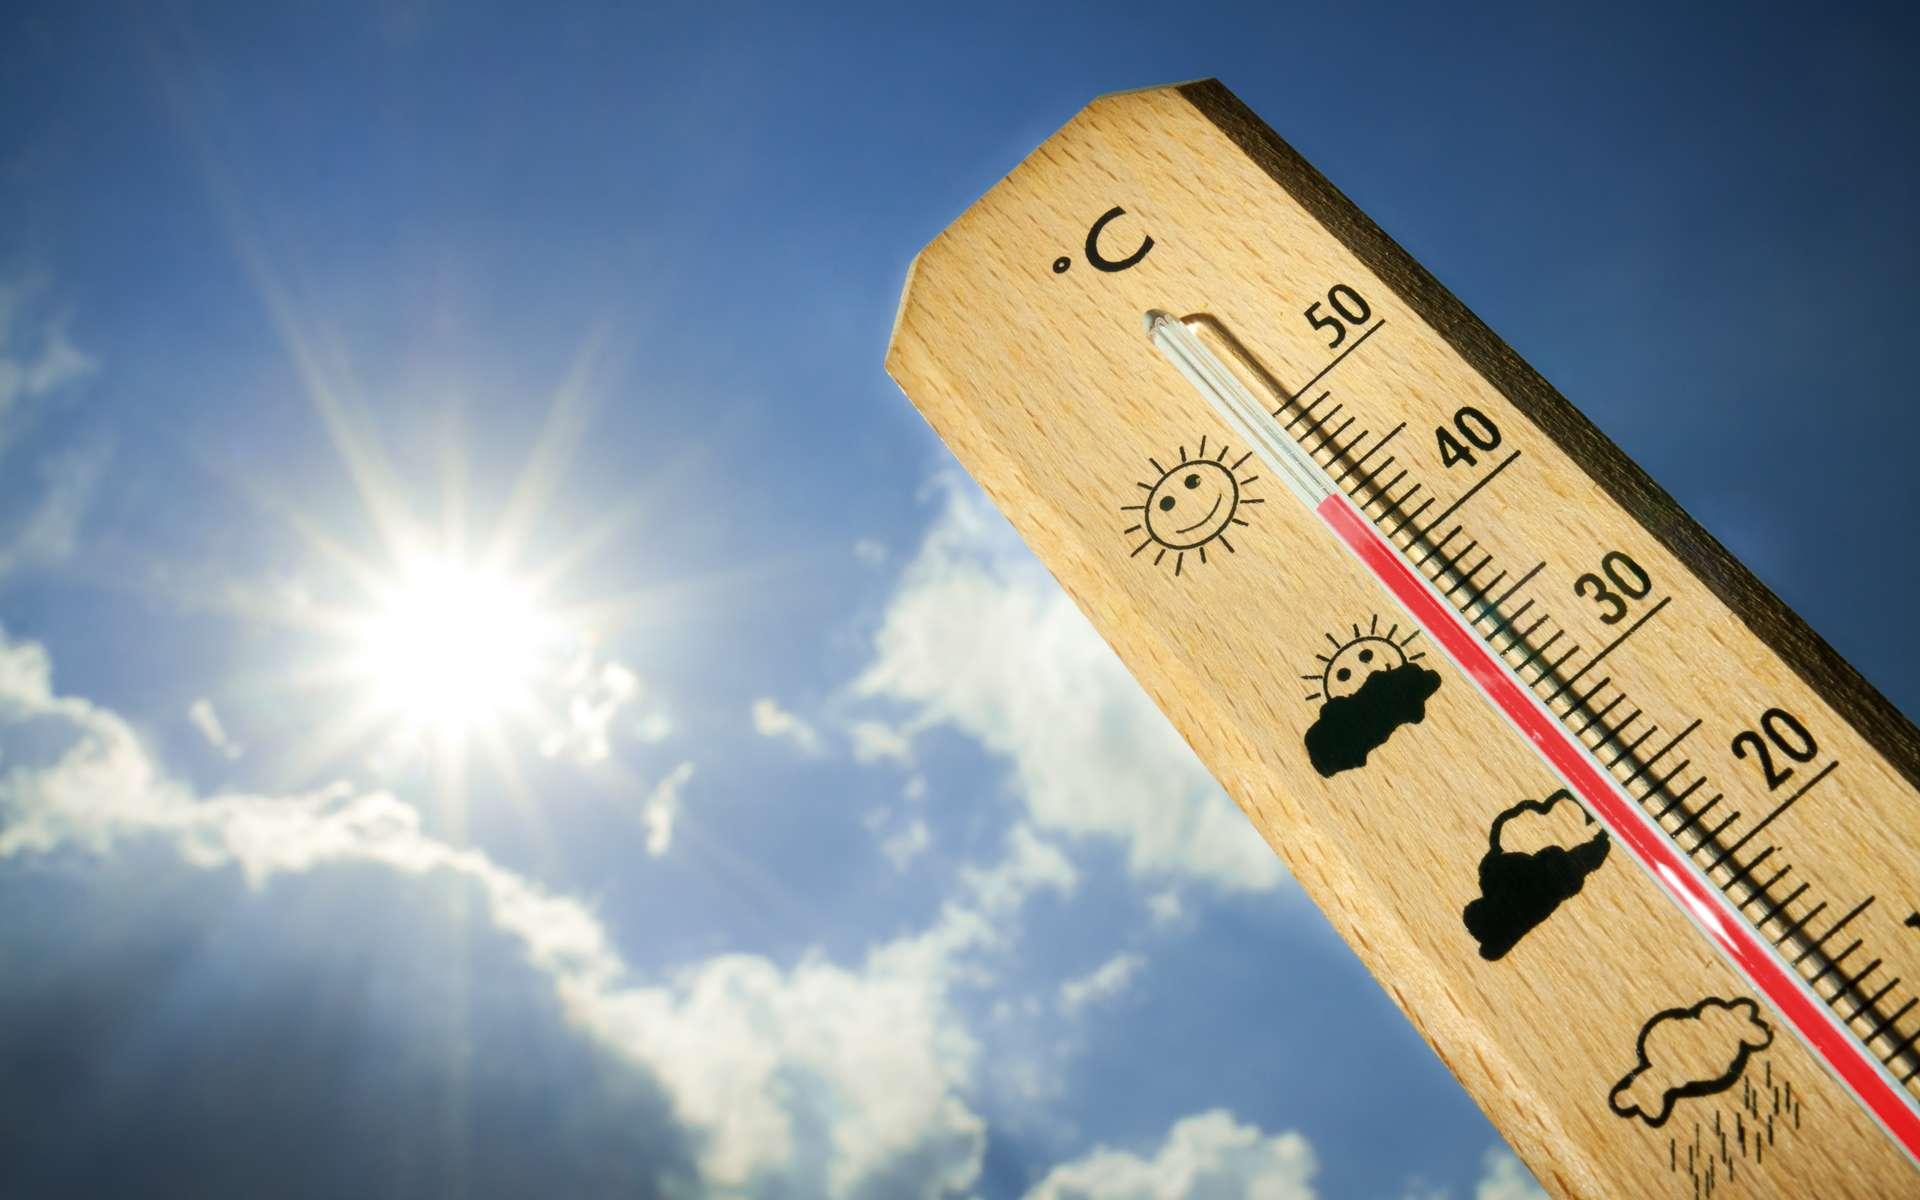 Pendant les pics de température, le climatiseur mobile peut représenter une solution pour rafraîchir une pièce de votre maison. © alexlmx, Fotolia